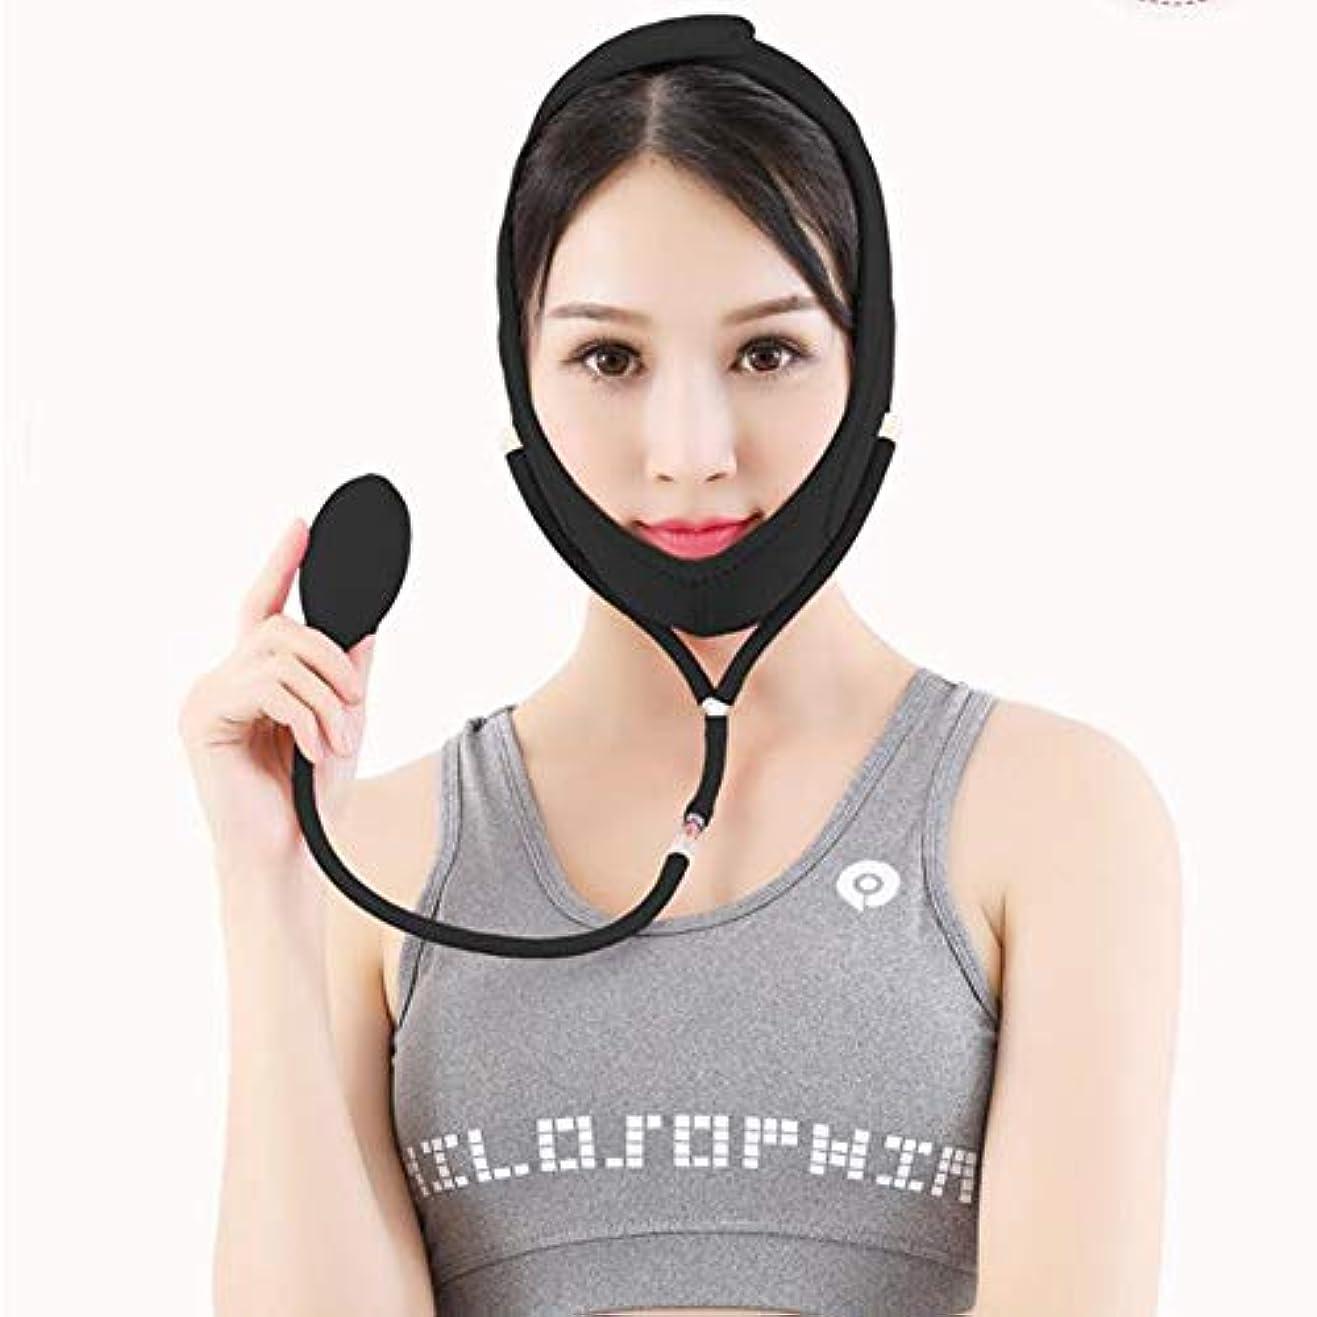 悔い改める疎外化粧インフレータブルマスク付きフェイスリフトベルトスキニーフェイスVフェイスアーチファクトスモールフェイスタイプスリーピングマスクタイトバンデージ (色 : B, サイズ さいず : L l)